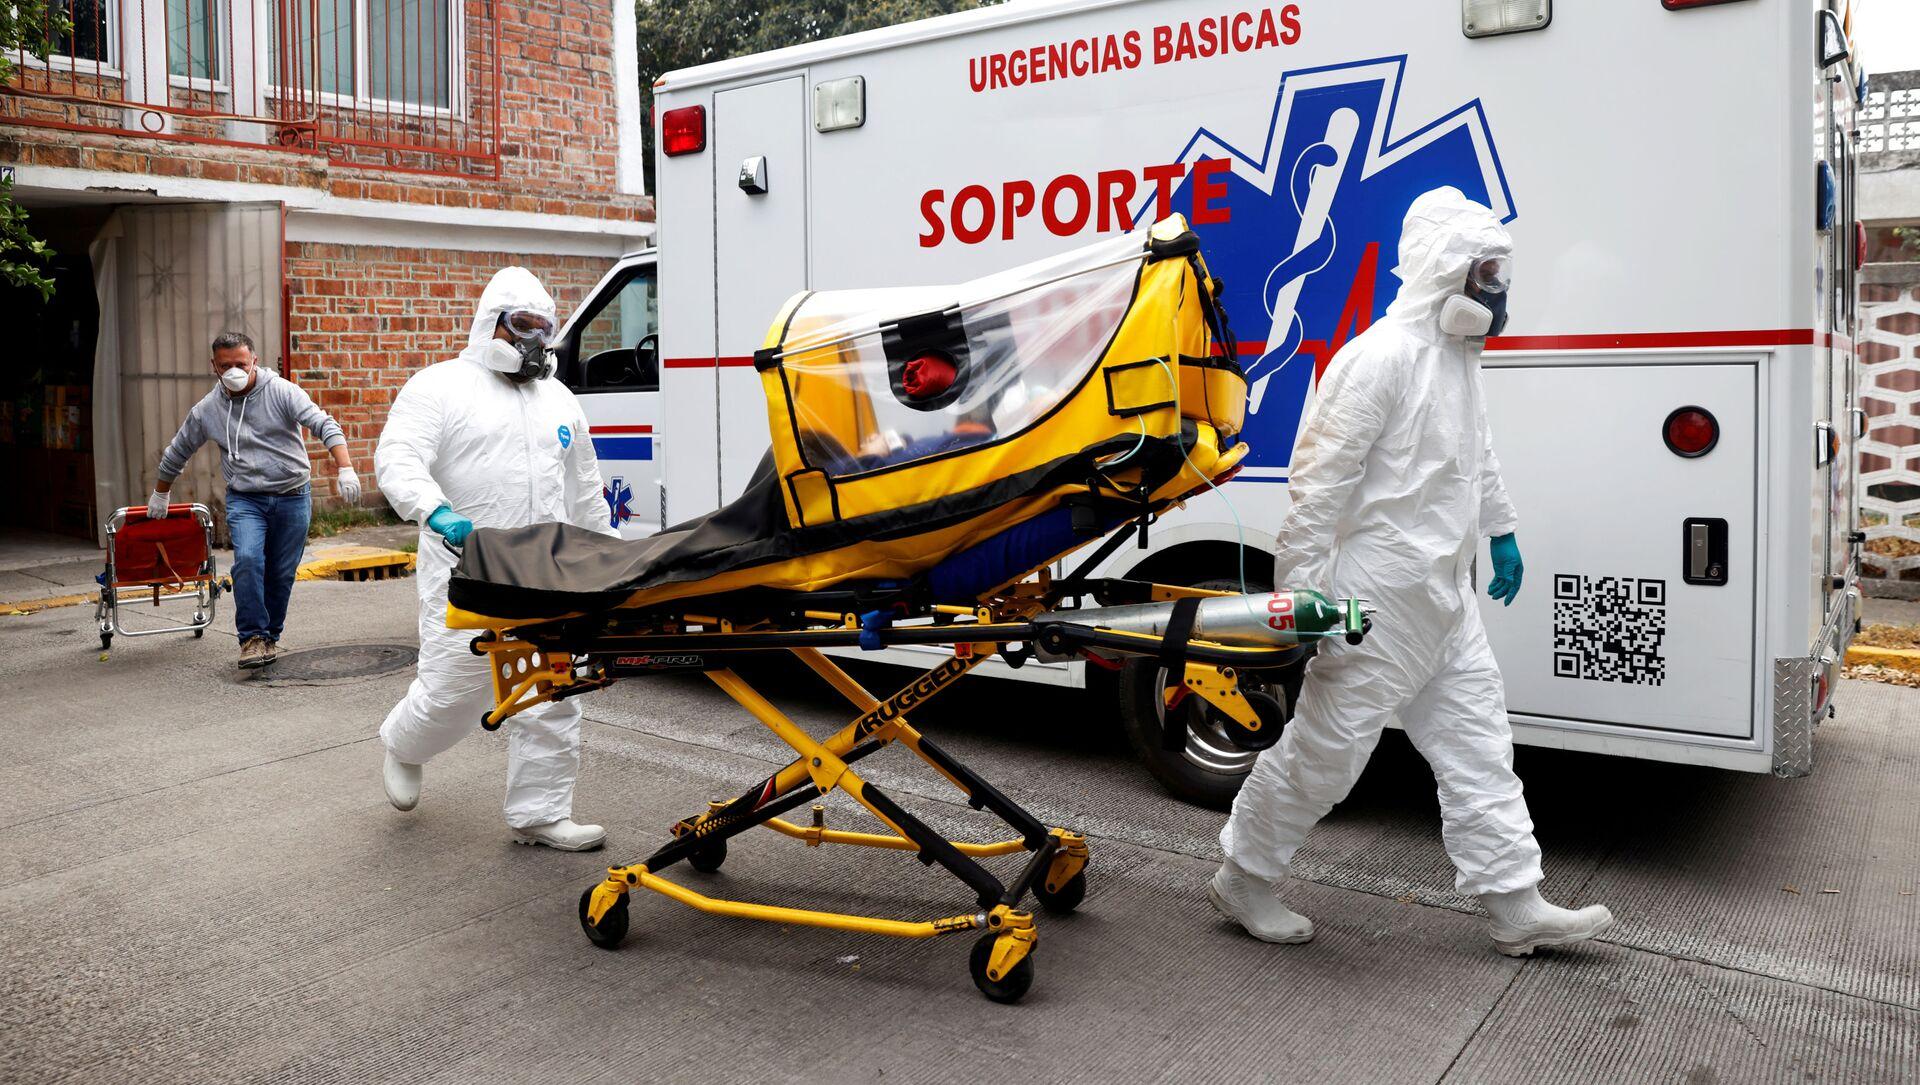 Pandemia de coronavirus en México - Sputnik Mundo, 1920, 09.02.2021